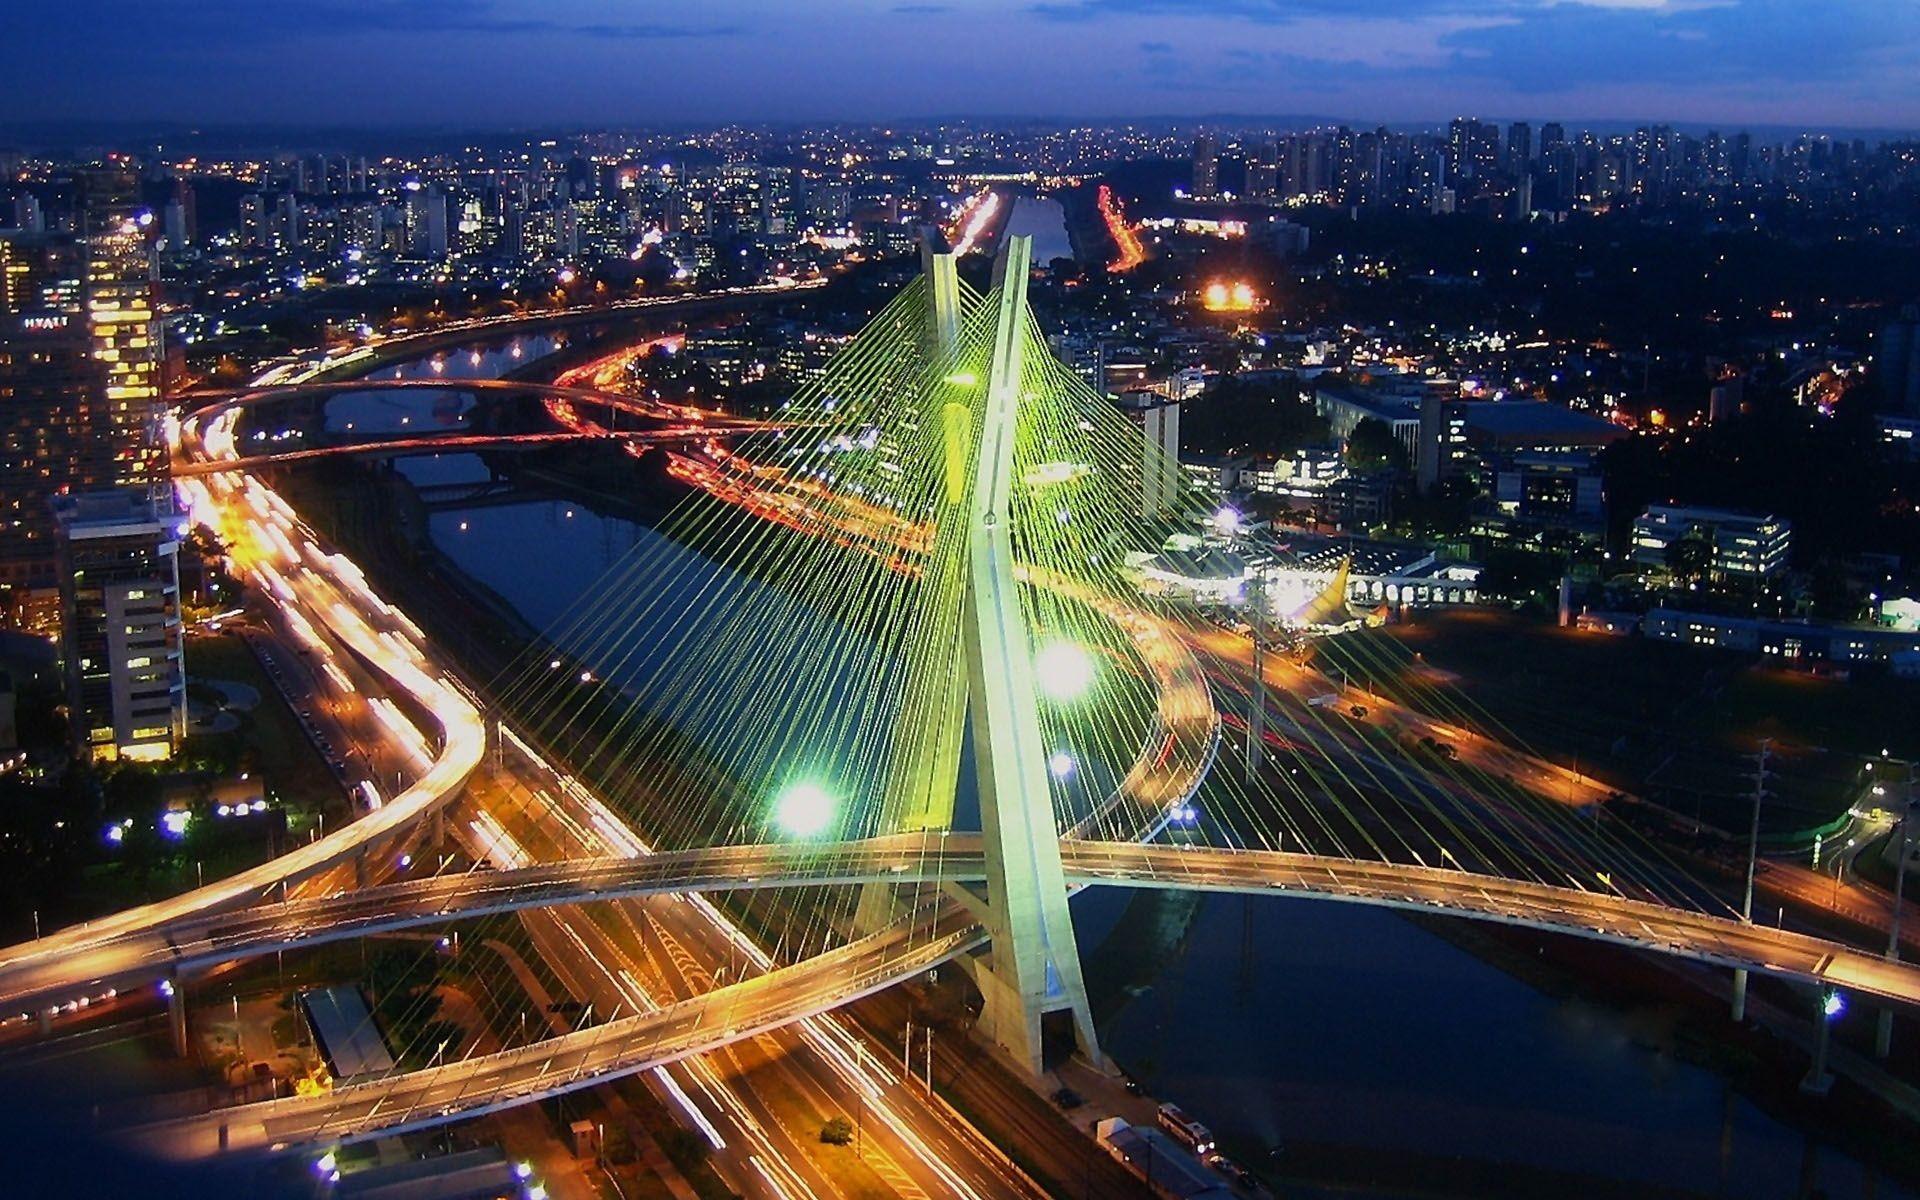 ponte estreada